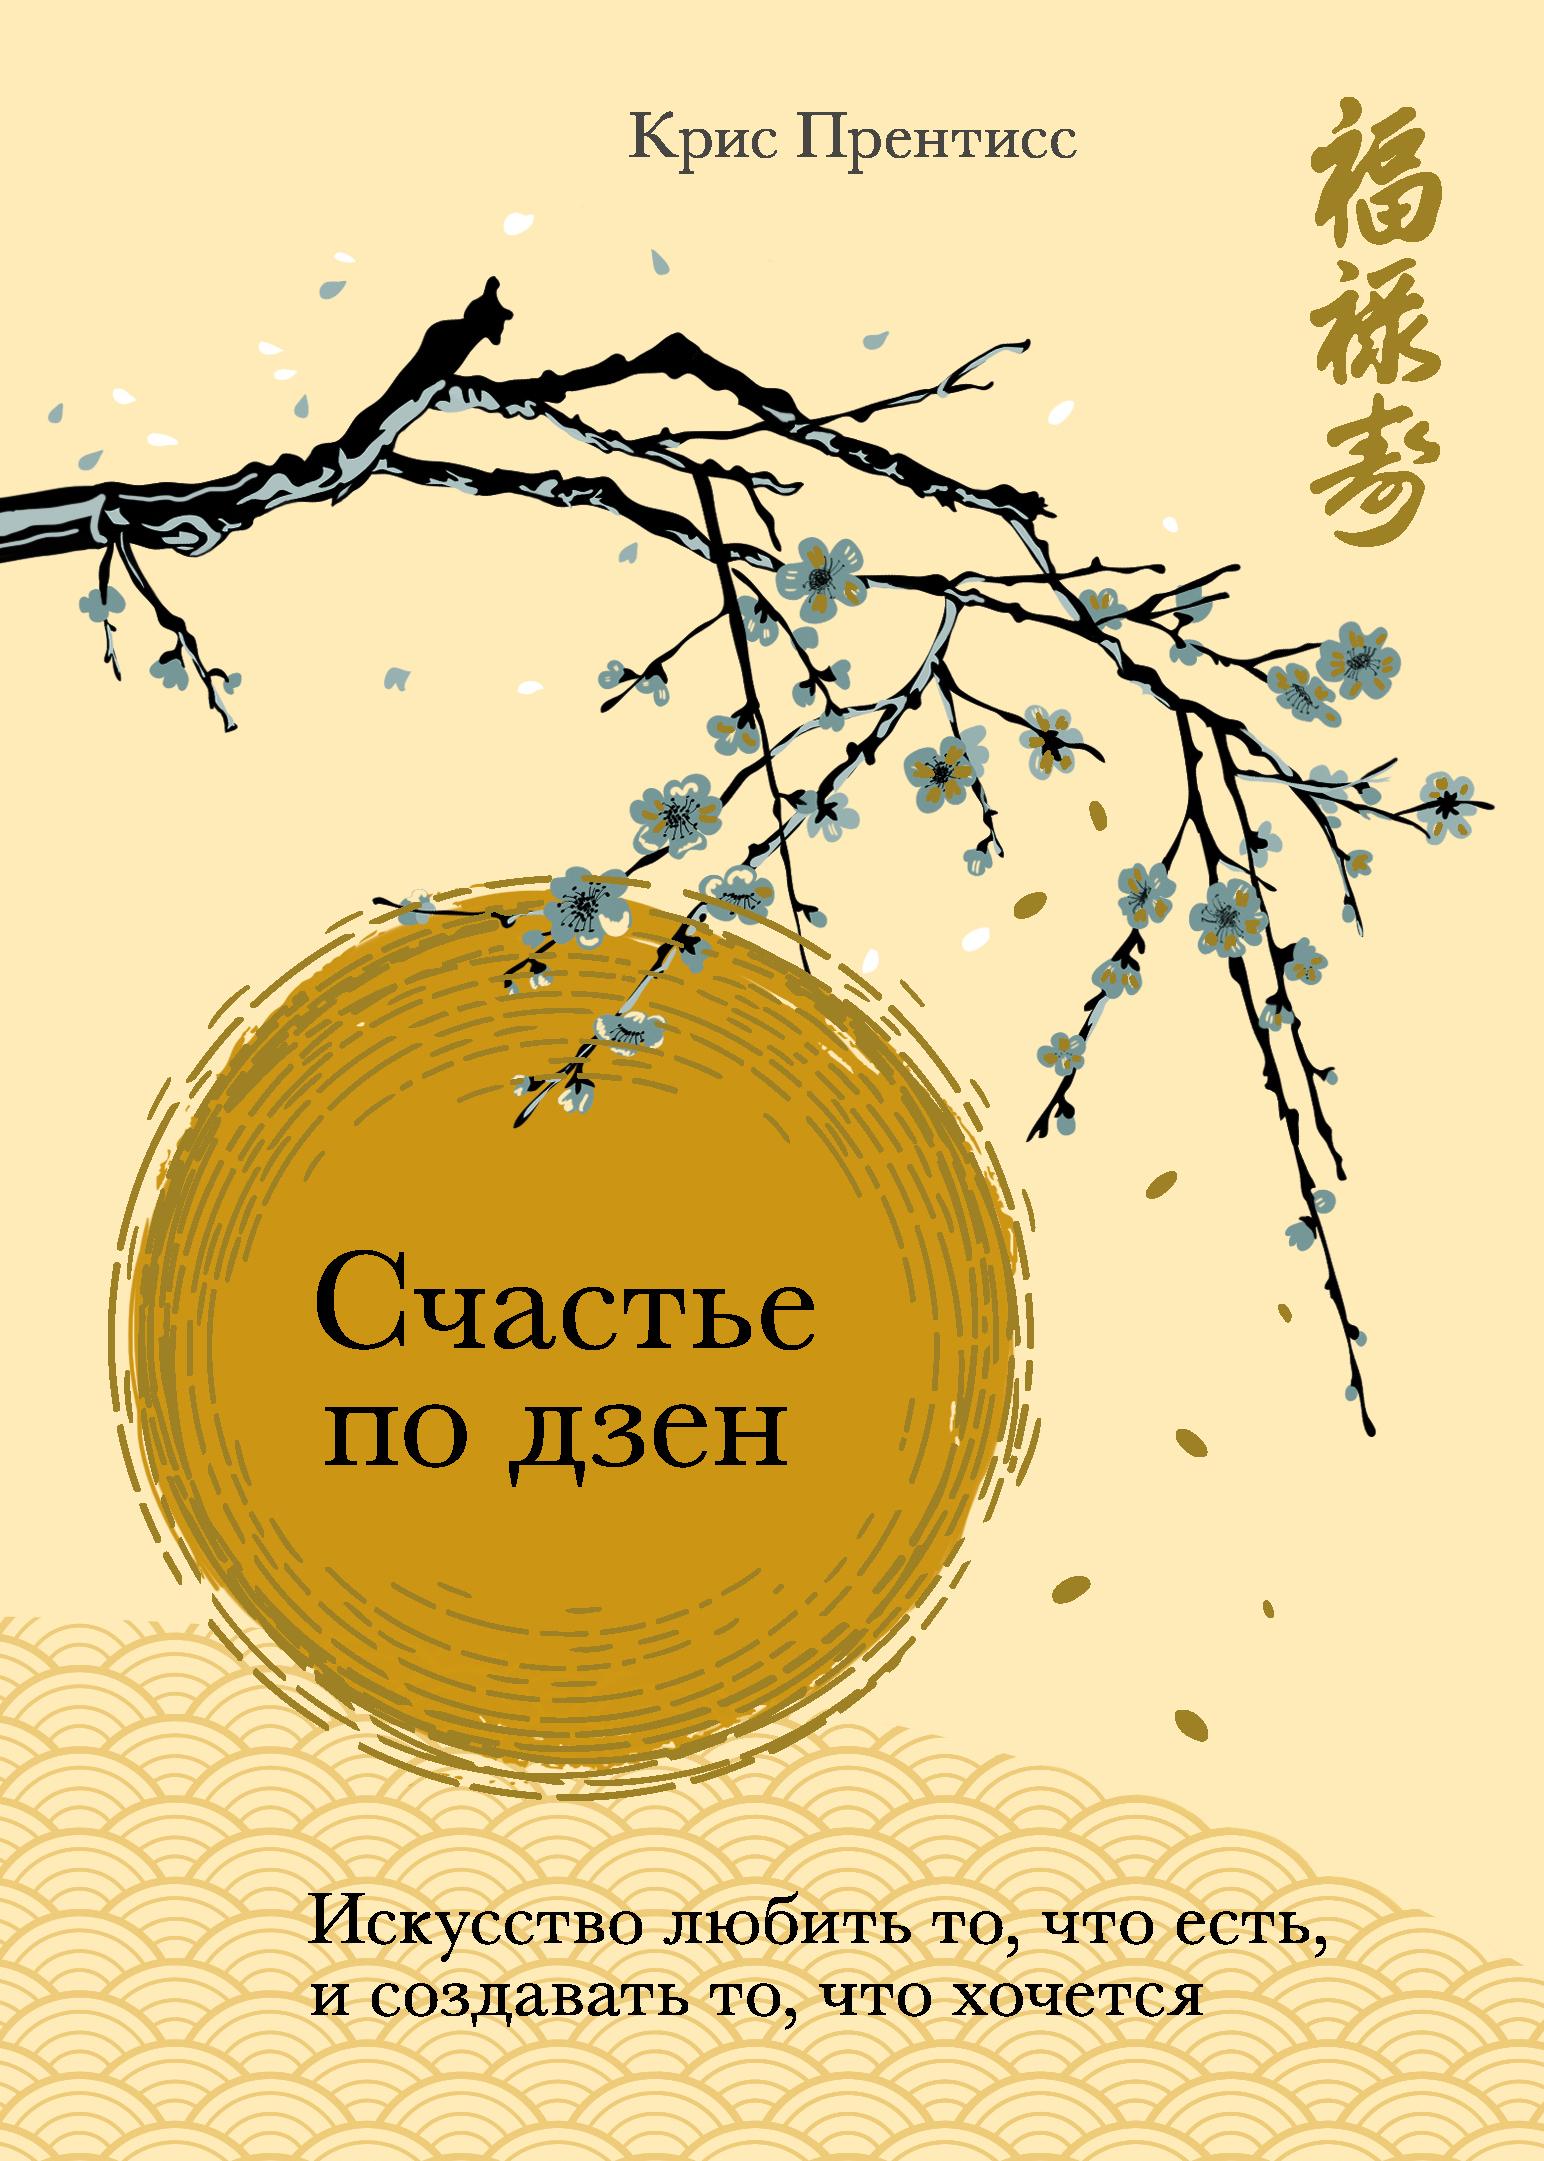 Крис Прентисс, Т. О. Новикова «Счастье по дзен. Искусство любить то, что есть, и создавать то, что хочется»